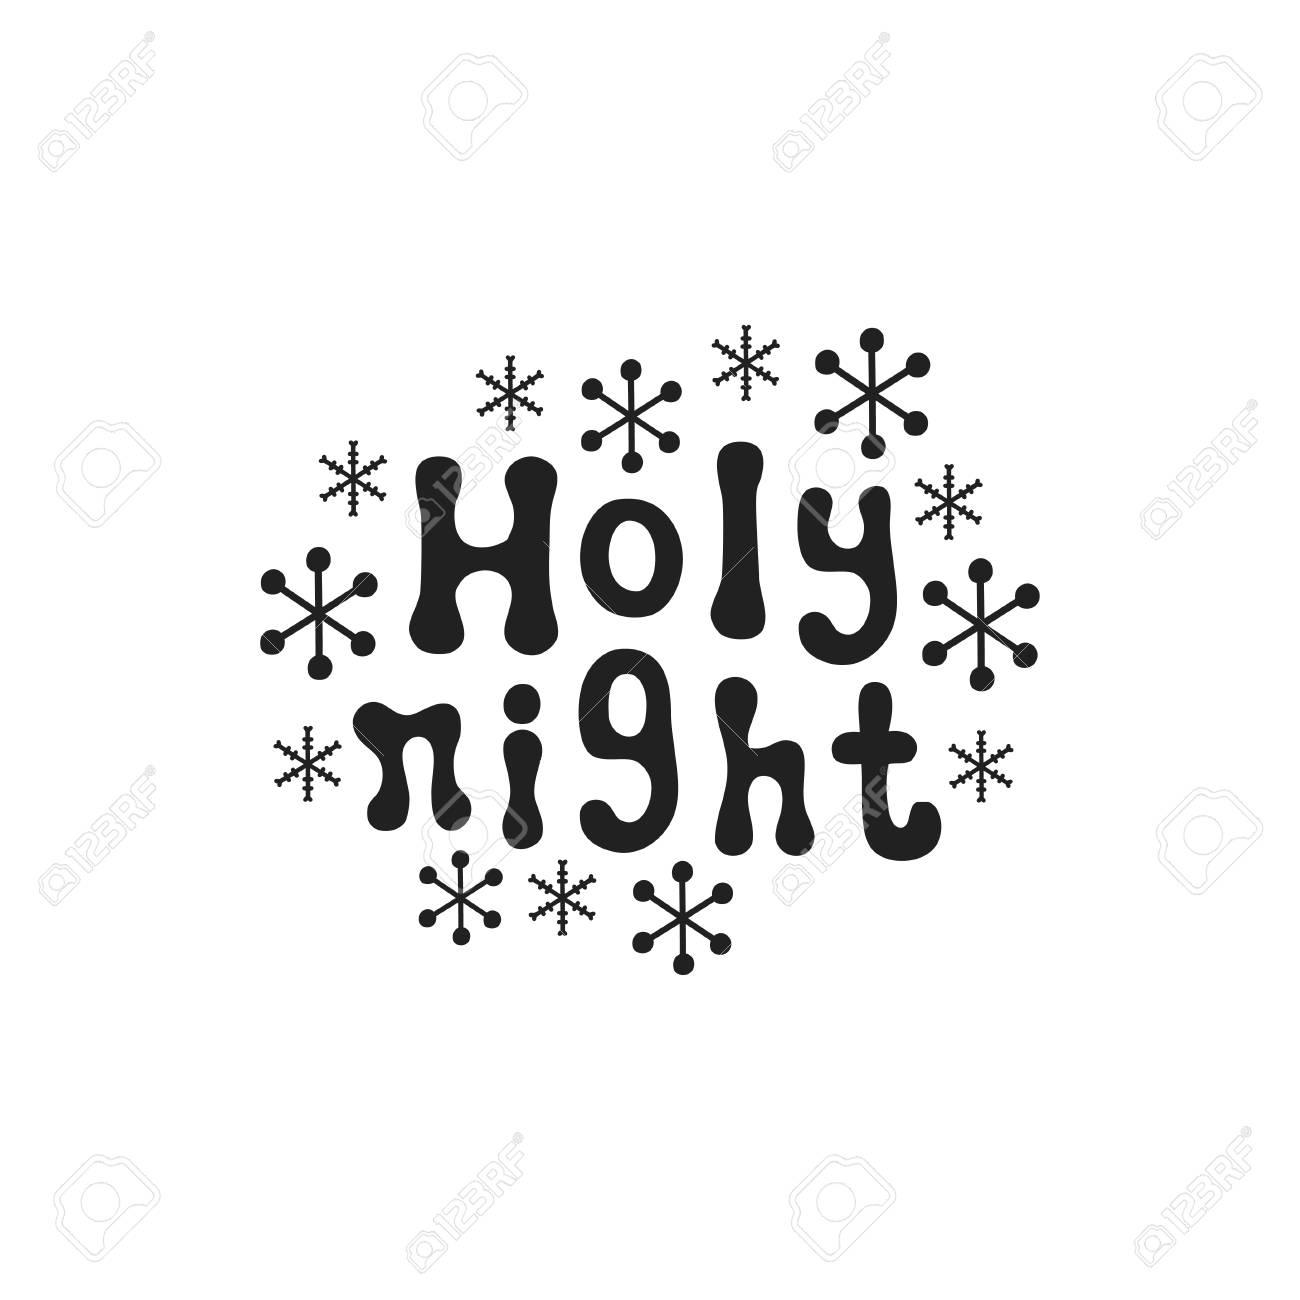 Noche Sagrada Frase De La Caligrafía De La Navidad El Cepillo Manuscrito Sazona Las Letras Frase De Navidad